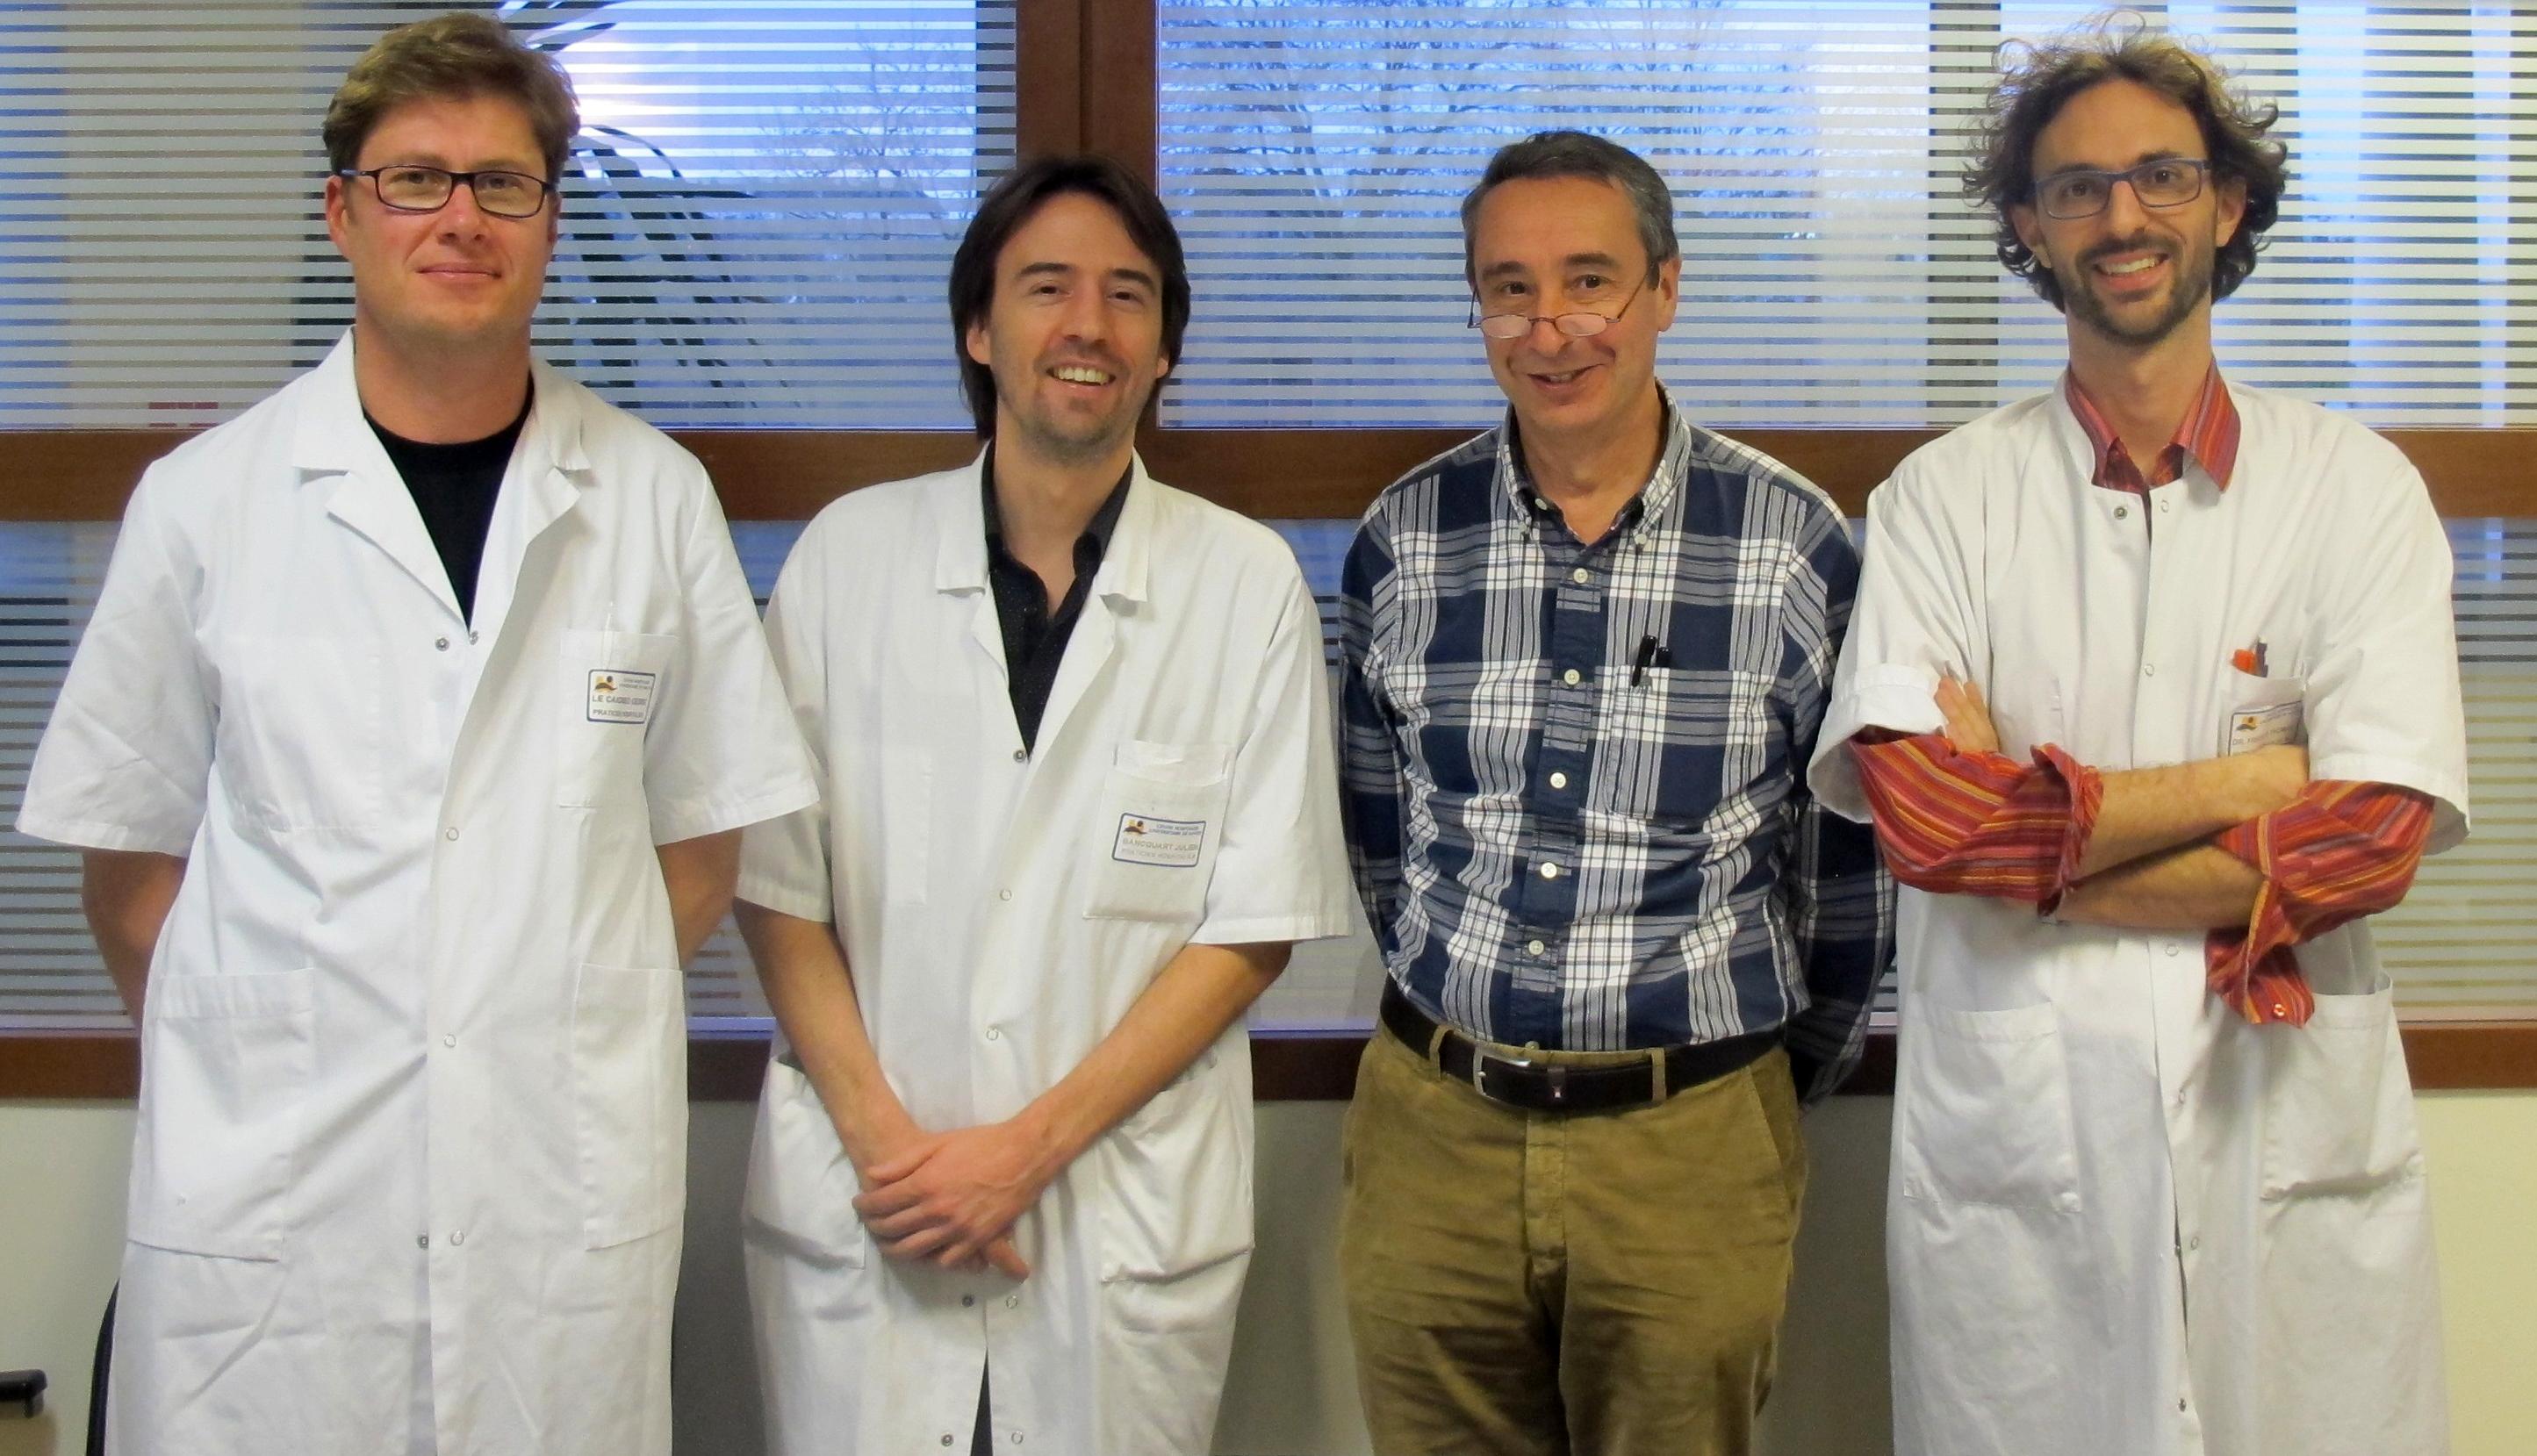 Cédric Le Caignec, Julien Bancquart, Paul Barrière et Thomas Fréour